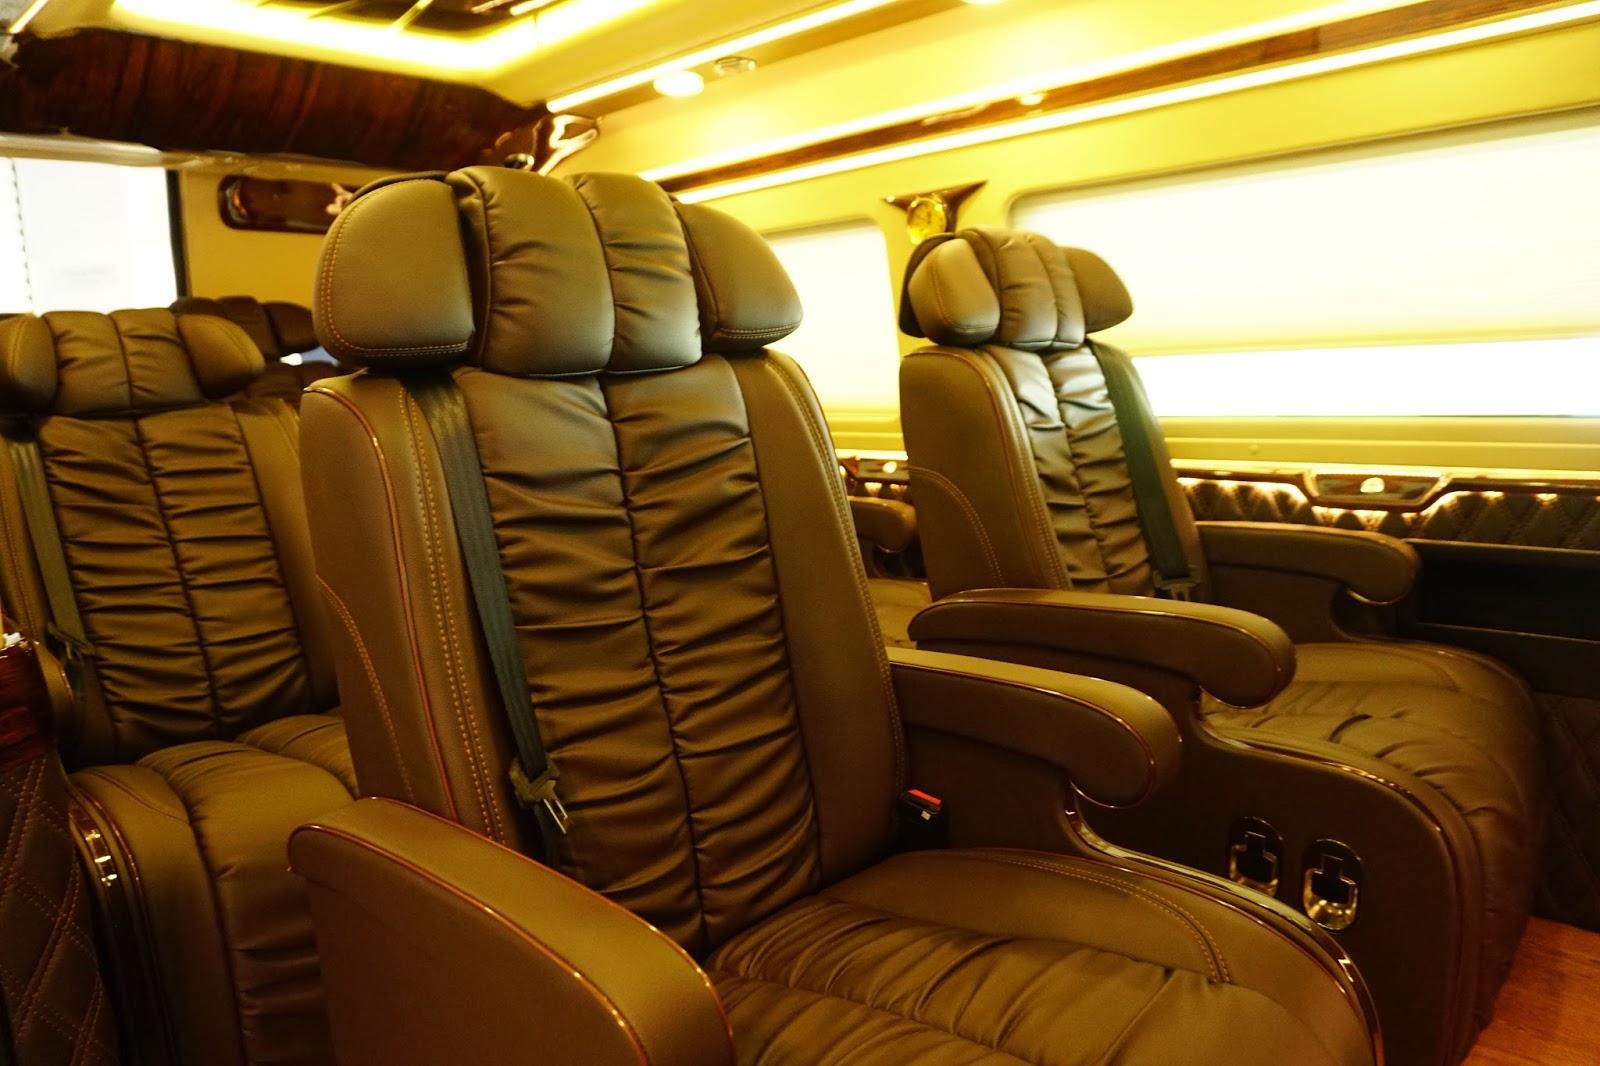 Ghế ngồi được thiết kế sang trọng và êm ái, rộng rãi tối đa, rất đẳng cấp